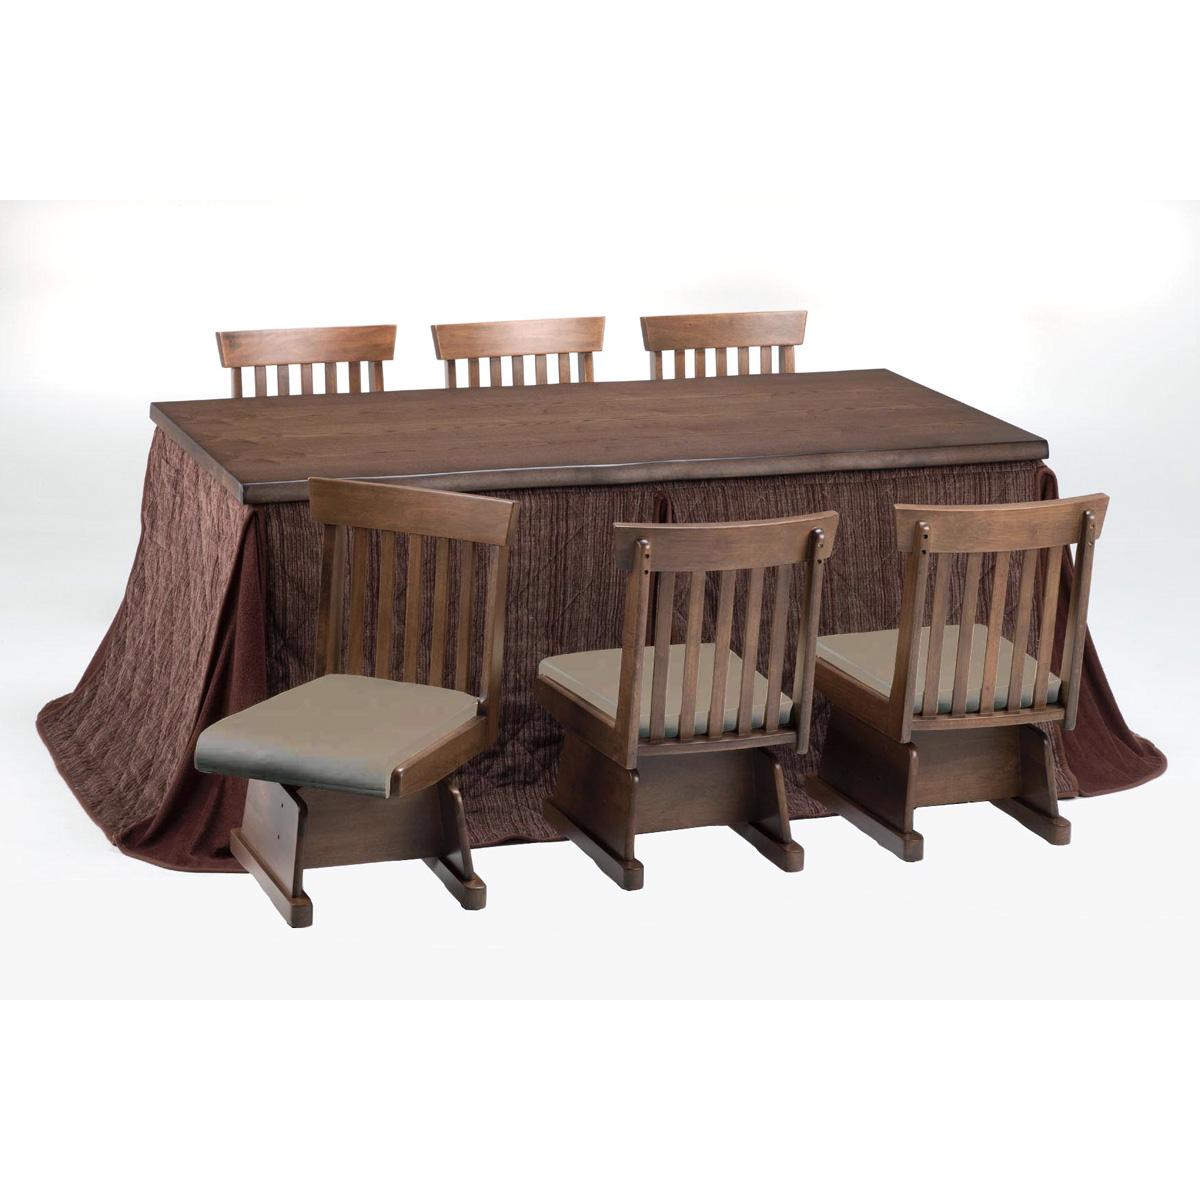 ダイニングこたつテーブルセット こたつ式8点・ハイタイプひだまり180BR(イス6脚) (専用布団付)